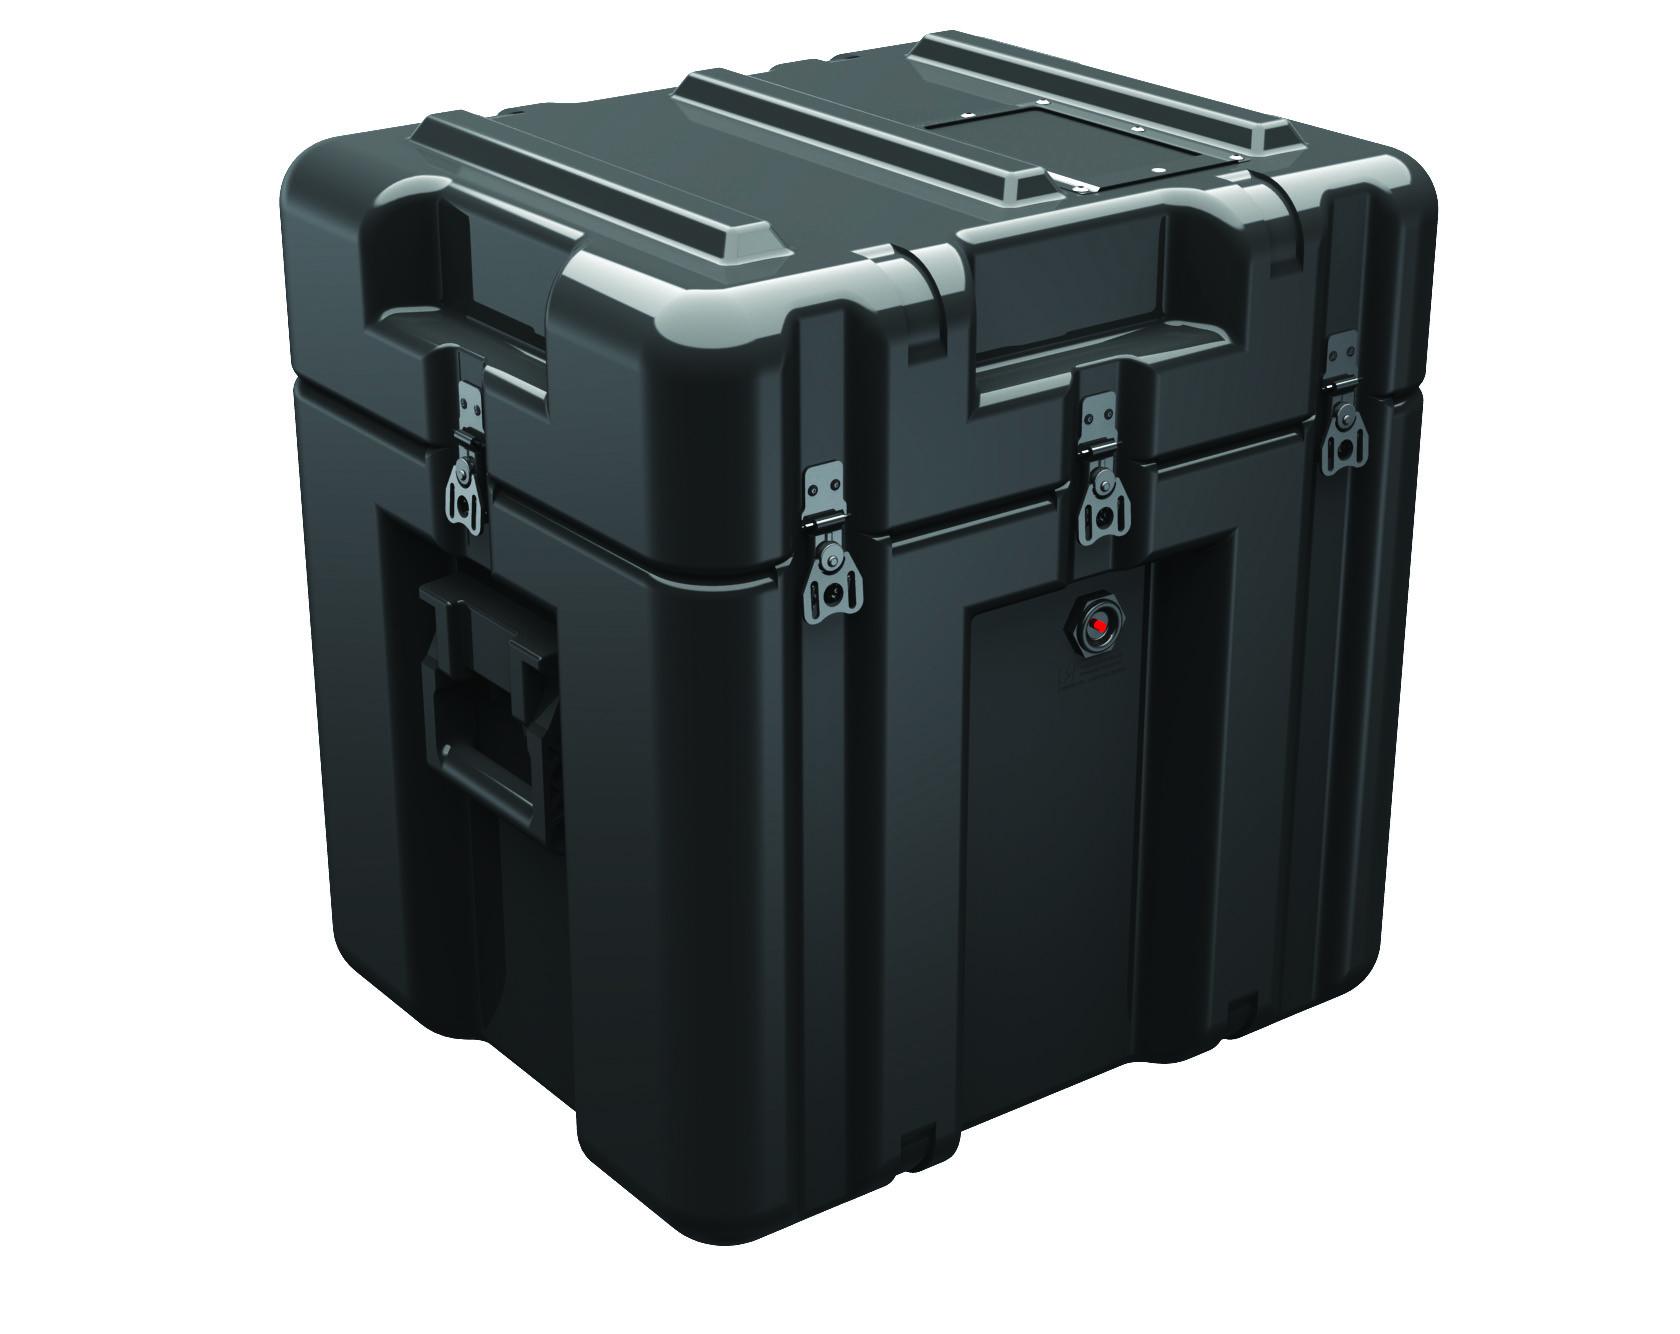 AL1814-1505 - AL1814-1505 Pelican Cube Case Military Containers